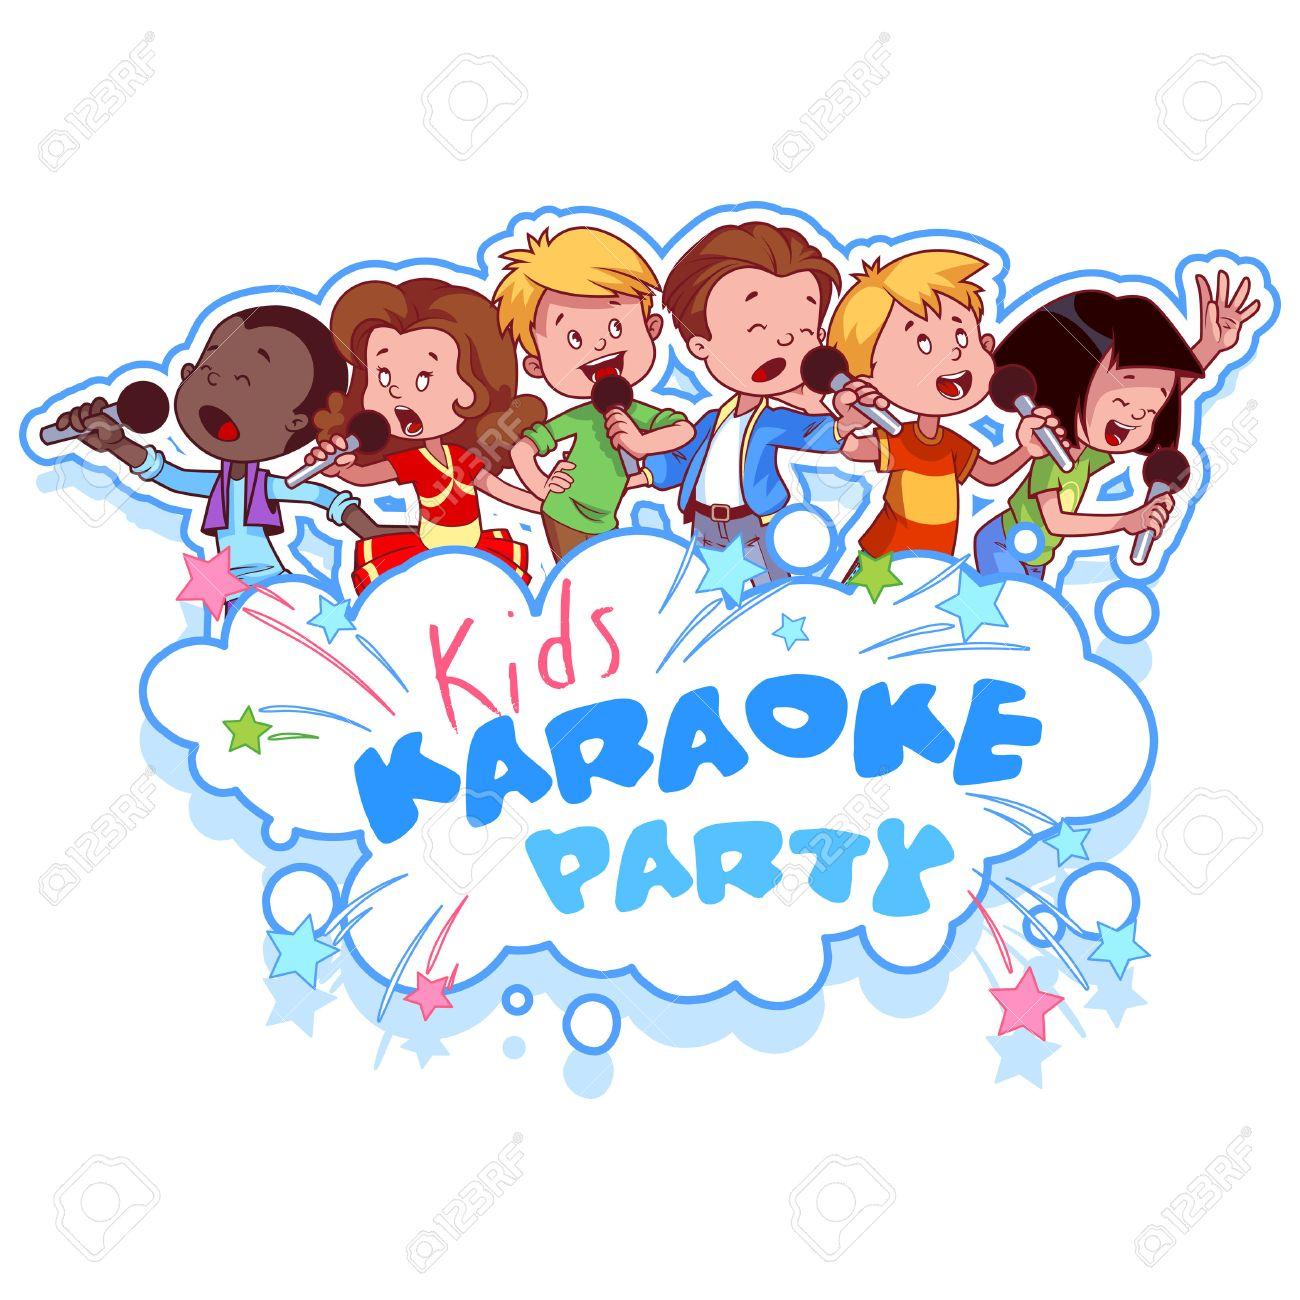 漫画の子供たちは、マイクを使って歌います。子供たちのカラオケ